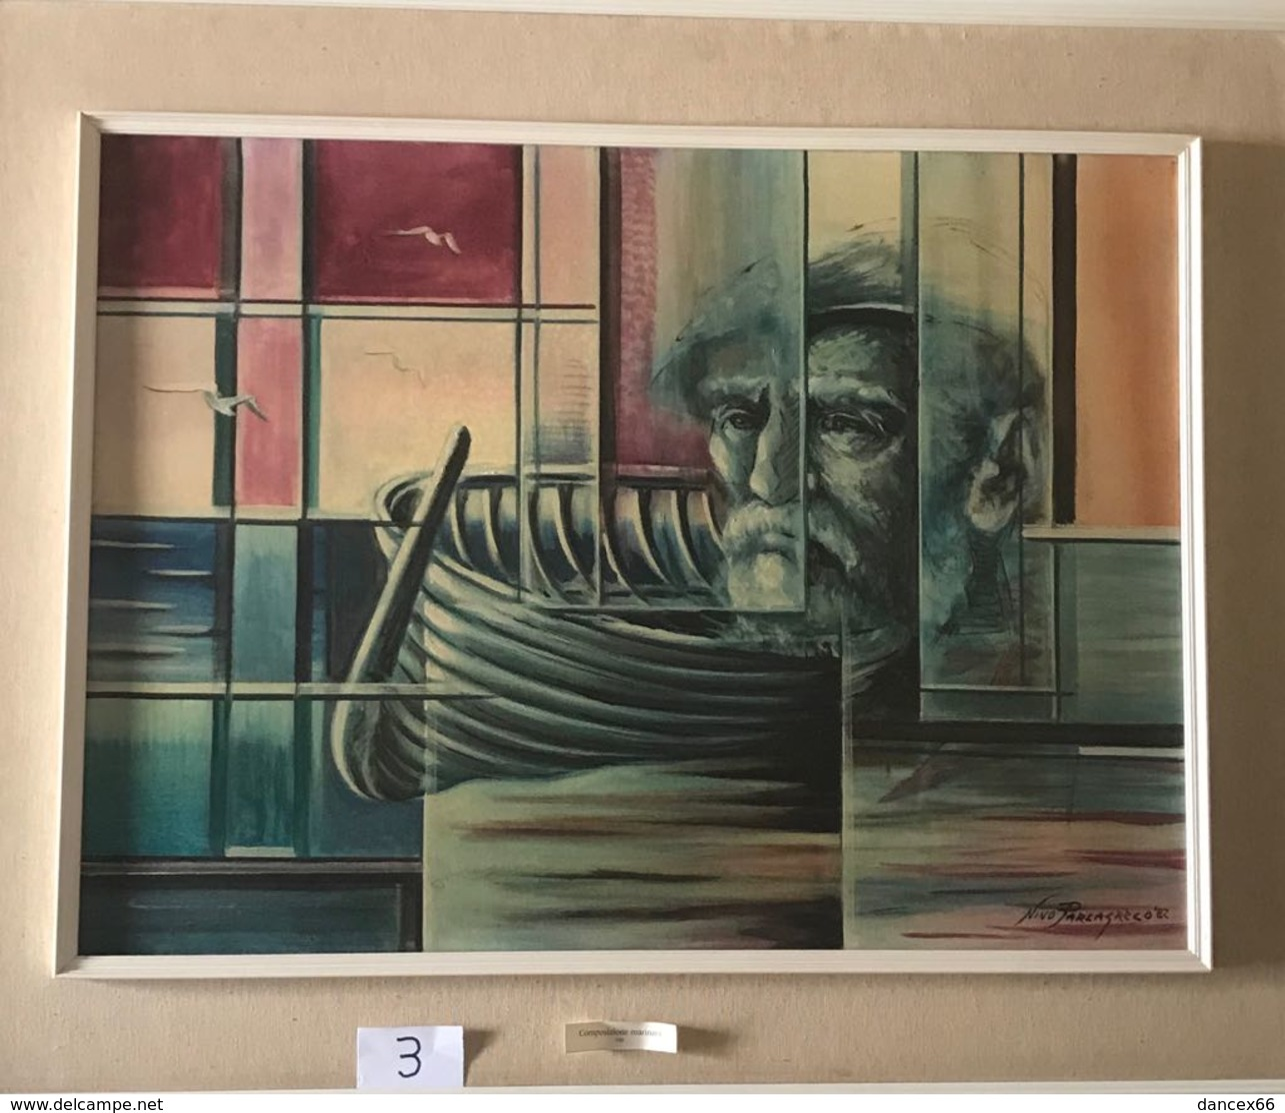 """OPERA DELL'ARTISTA NINO PARLAGRECO """"L'UOMO E IL MARE"""" NEO FIGURATIVO IN ACRILICO 80X60 - Acrilici"""